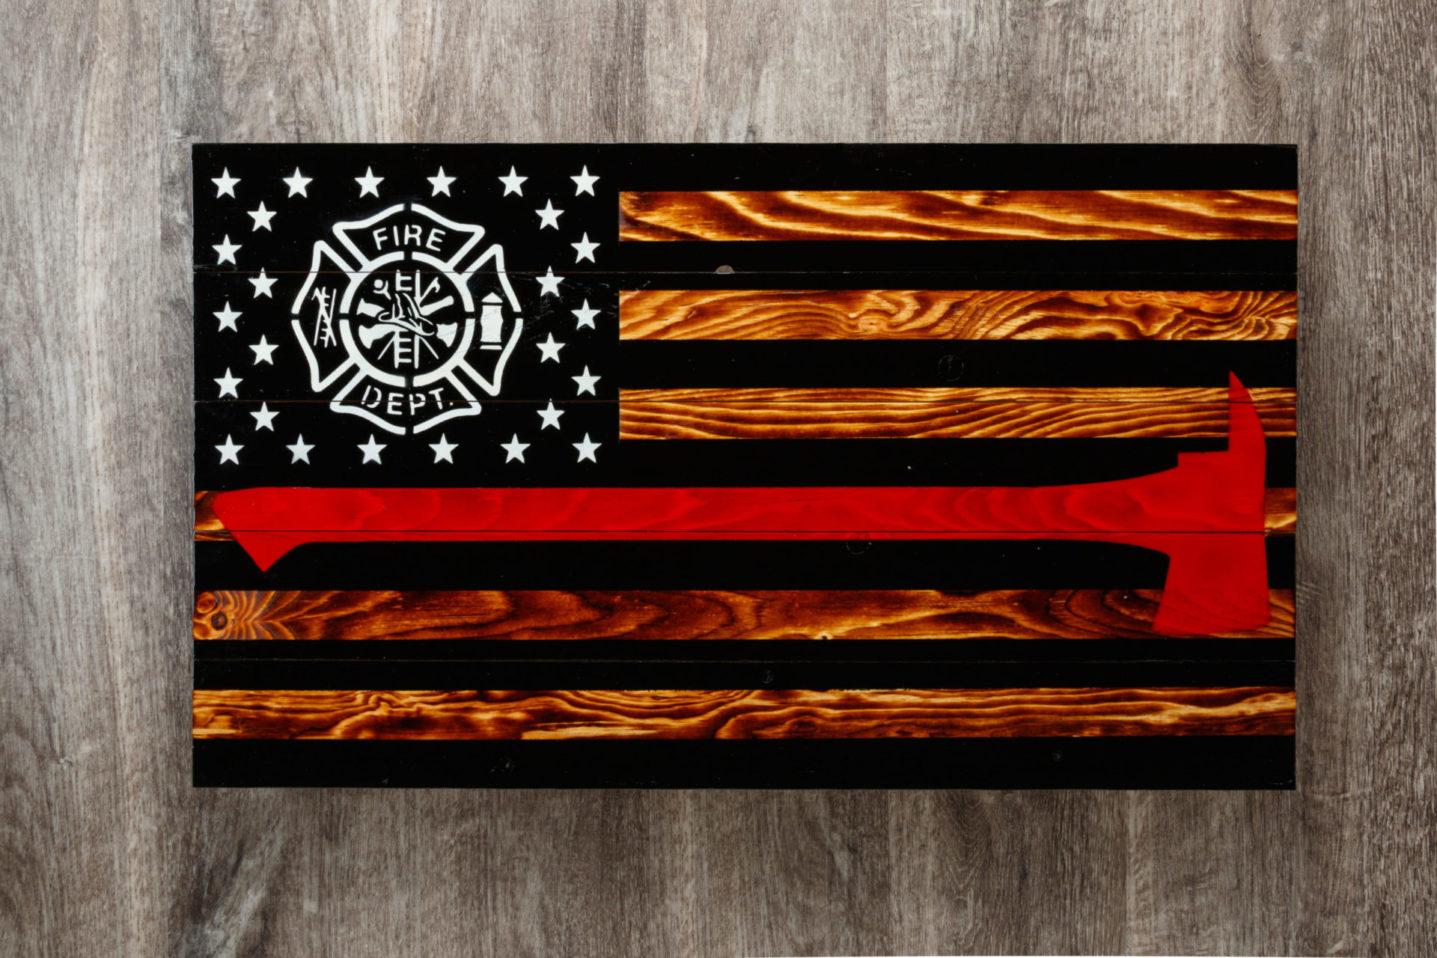 Firefighter wooden American flag wall art